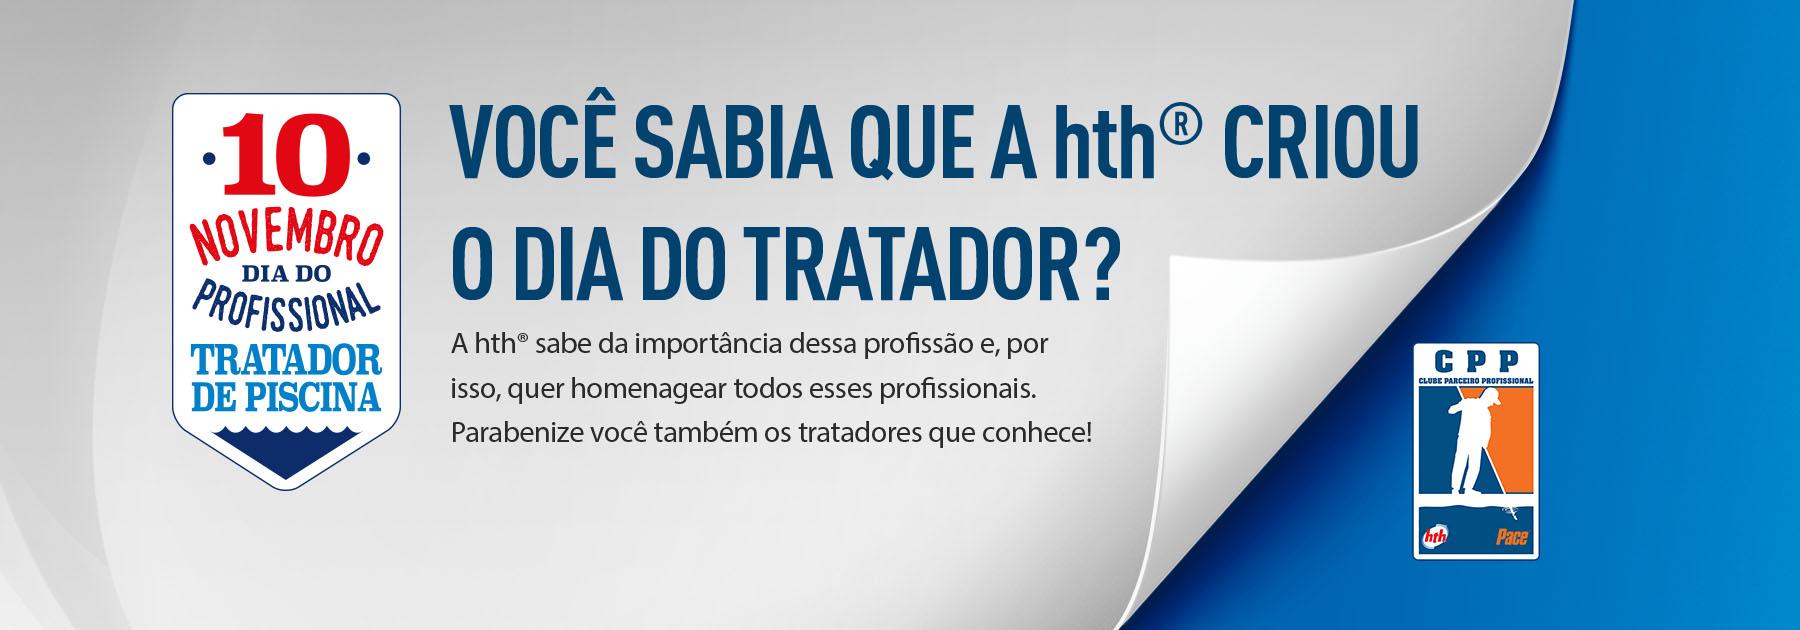 SITE PACE – web_DiaTratador_piscineiros_PACE 1800x630_v4